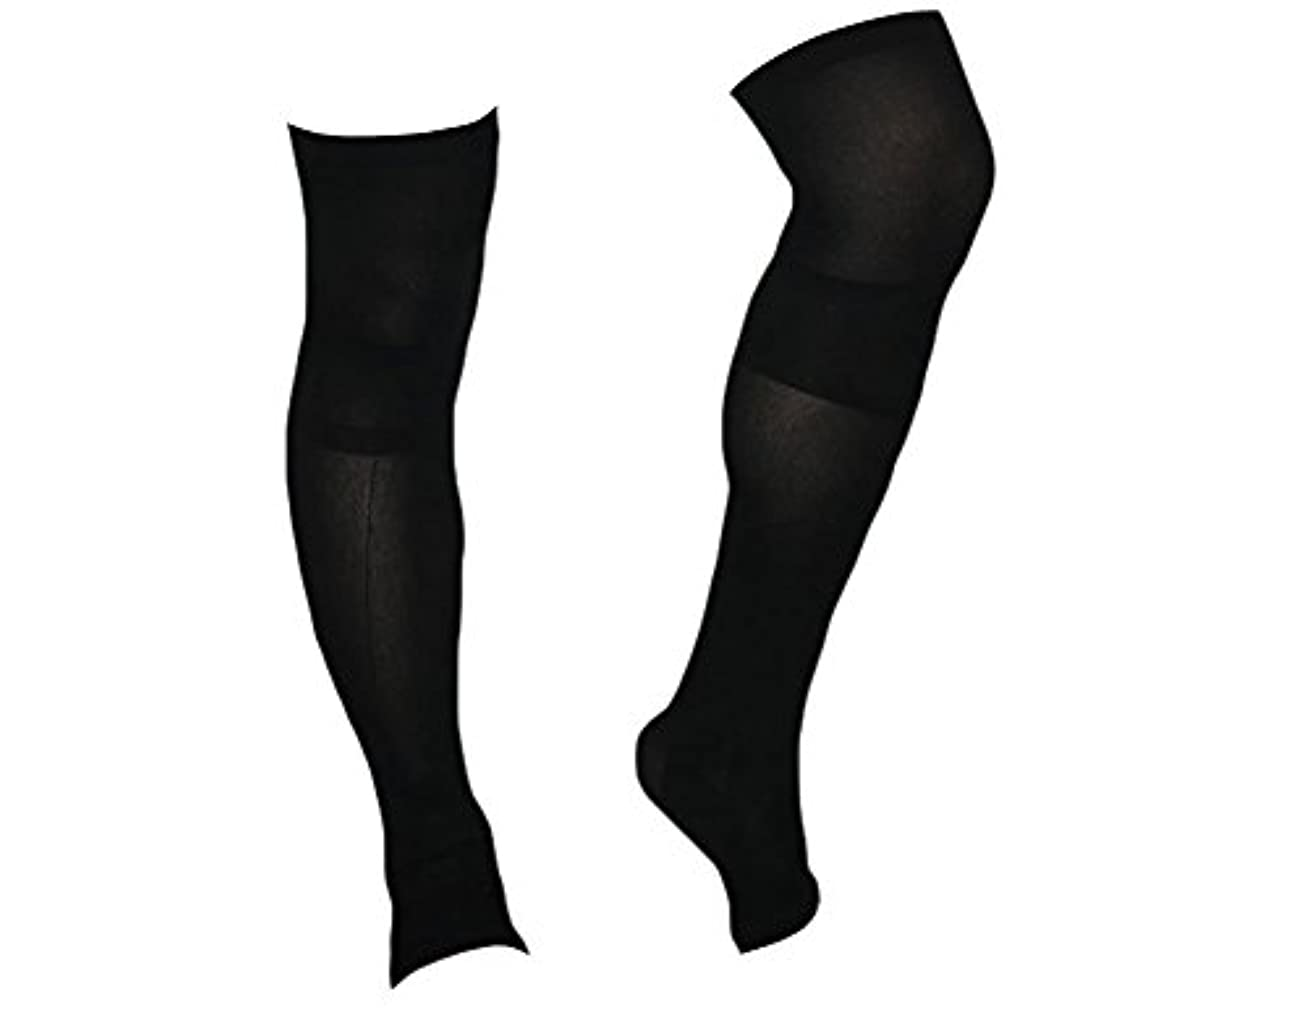 しゃがむ他に着圧ソックス スパルタックス メンズ 加圧 ソックス 靴下 男性用 (ひざ上丈)